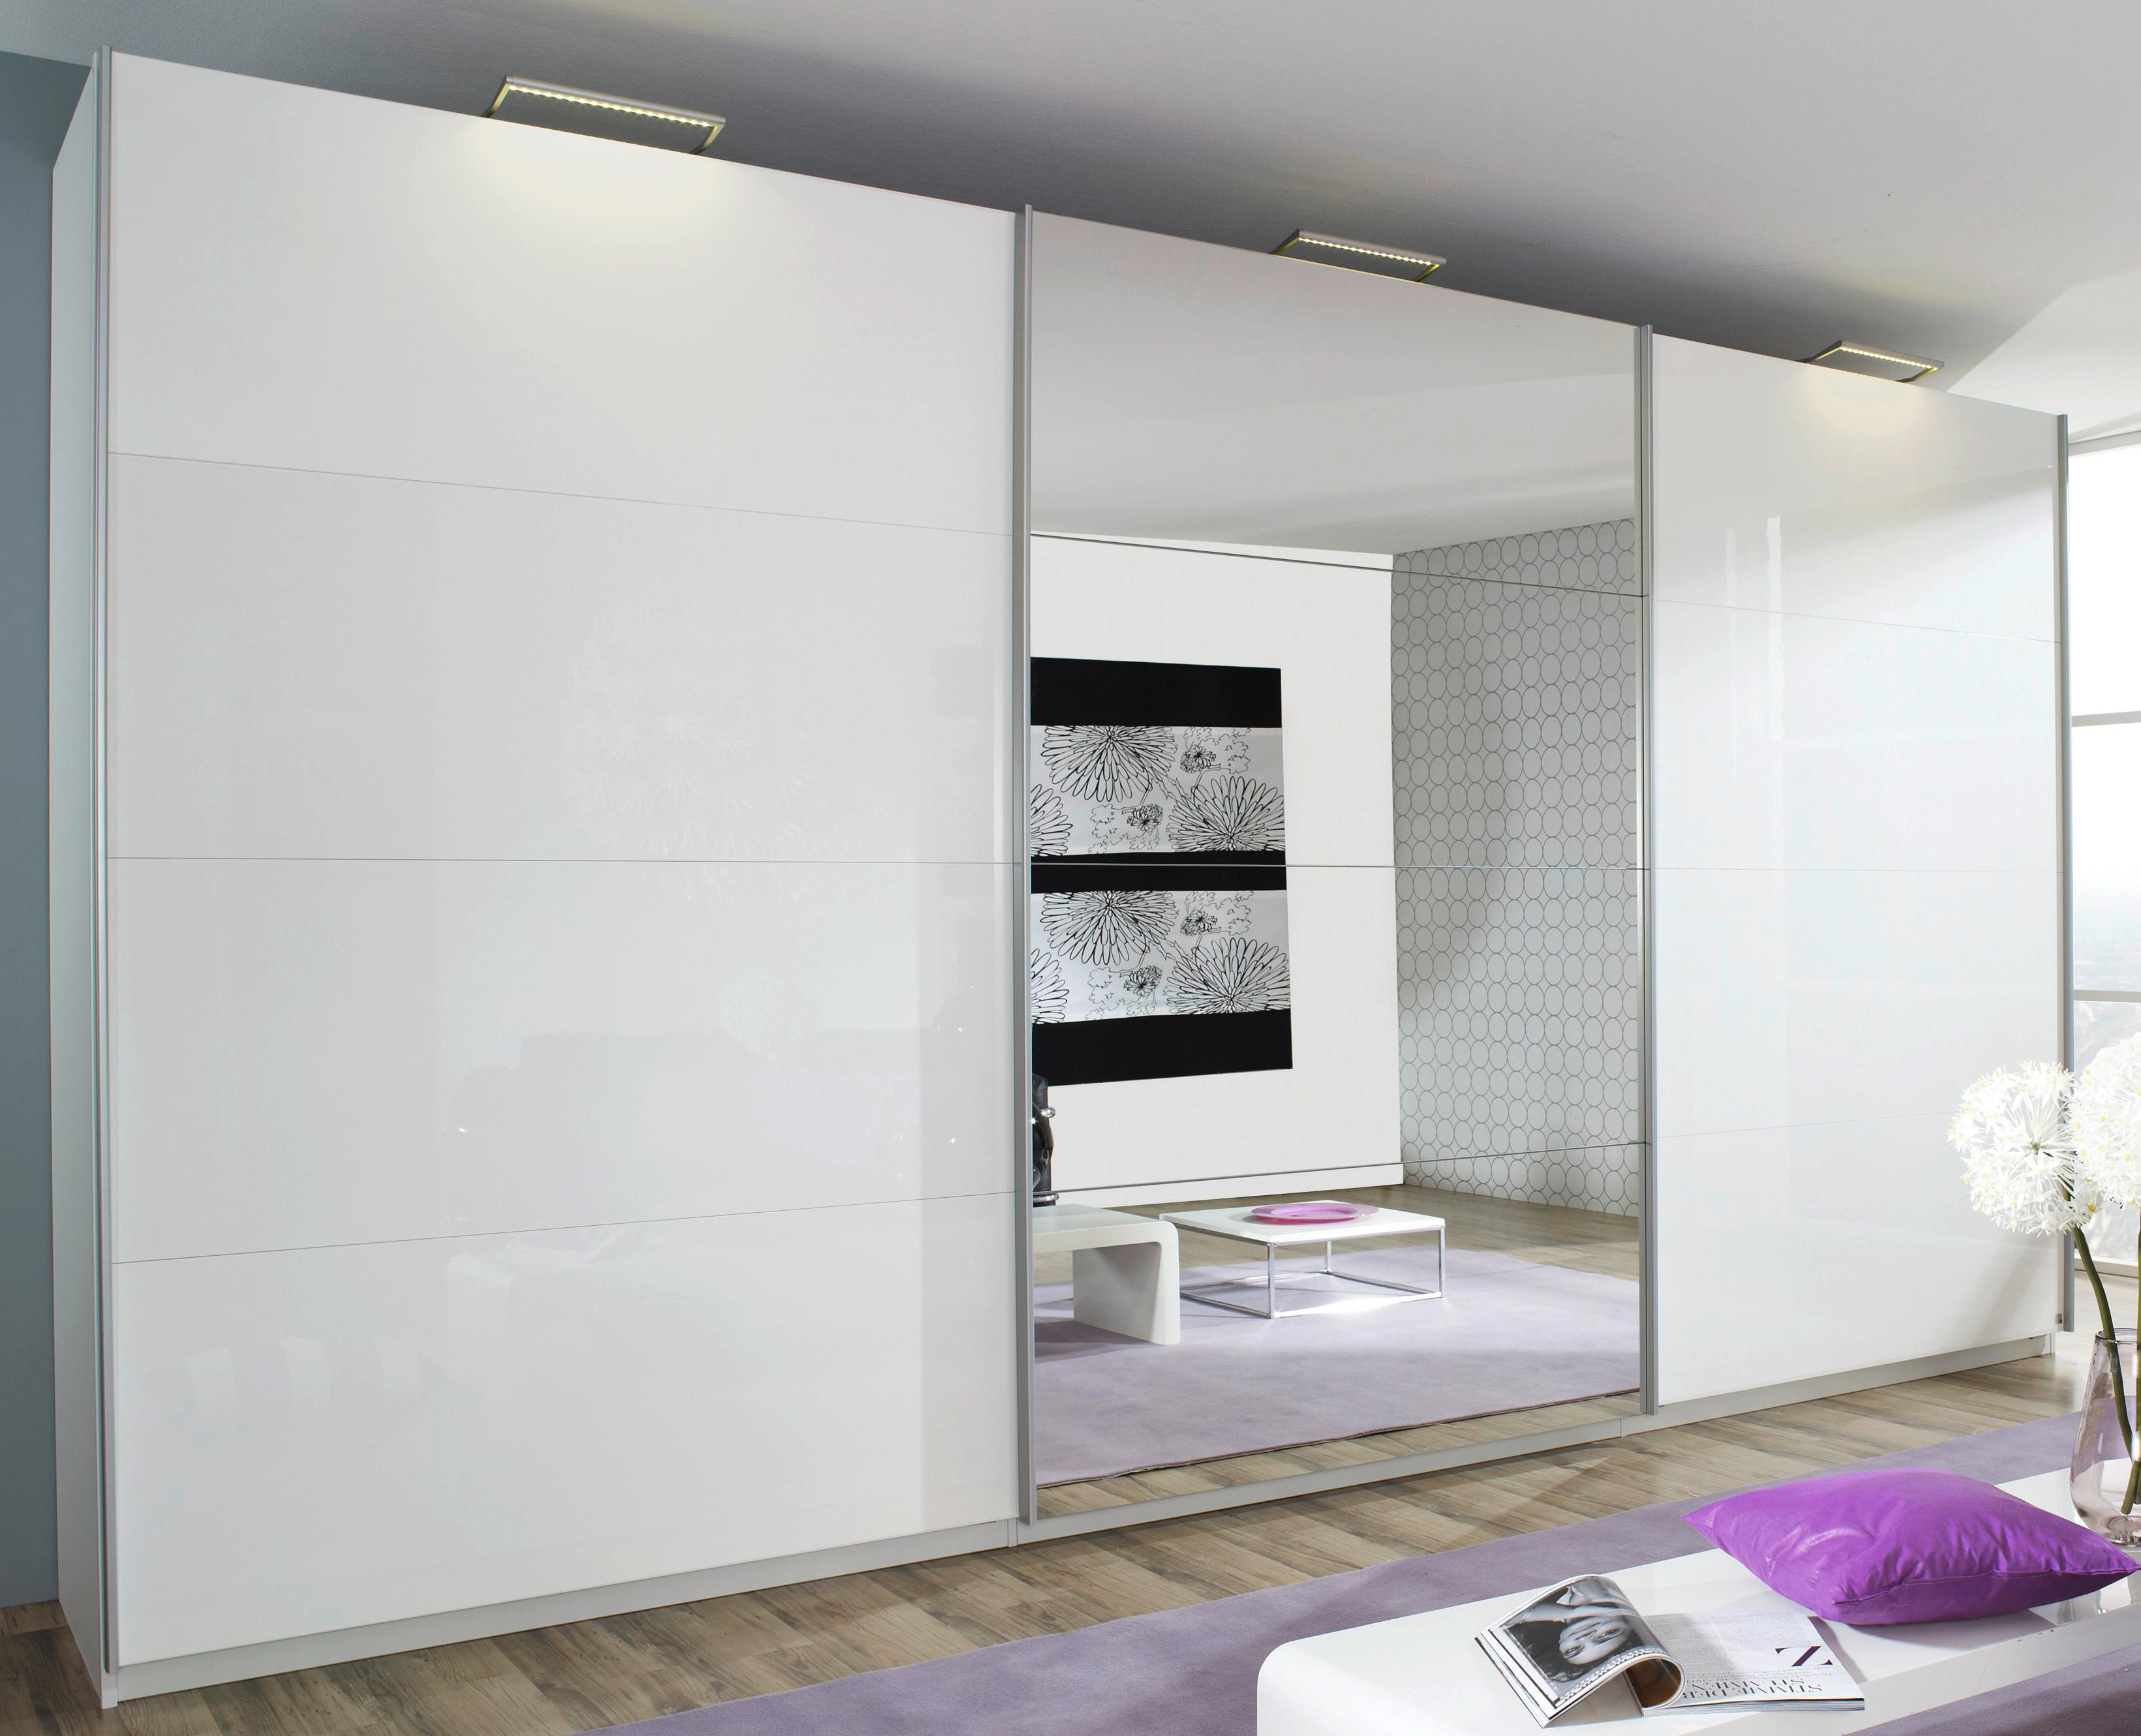 rauch select schwebet renschrank beluga plus hochglanz wei spiegel 7 breiten ebay. Black Bedroom Furniture Sets. Home Design Ideas